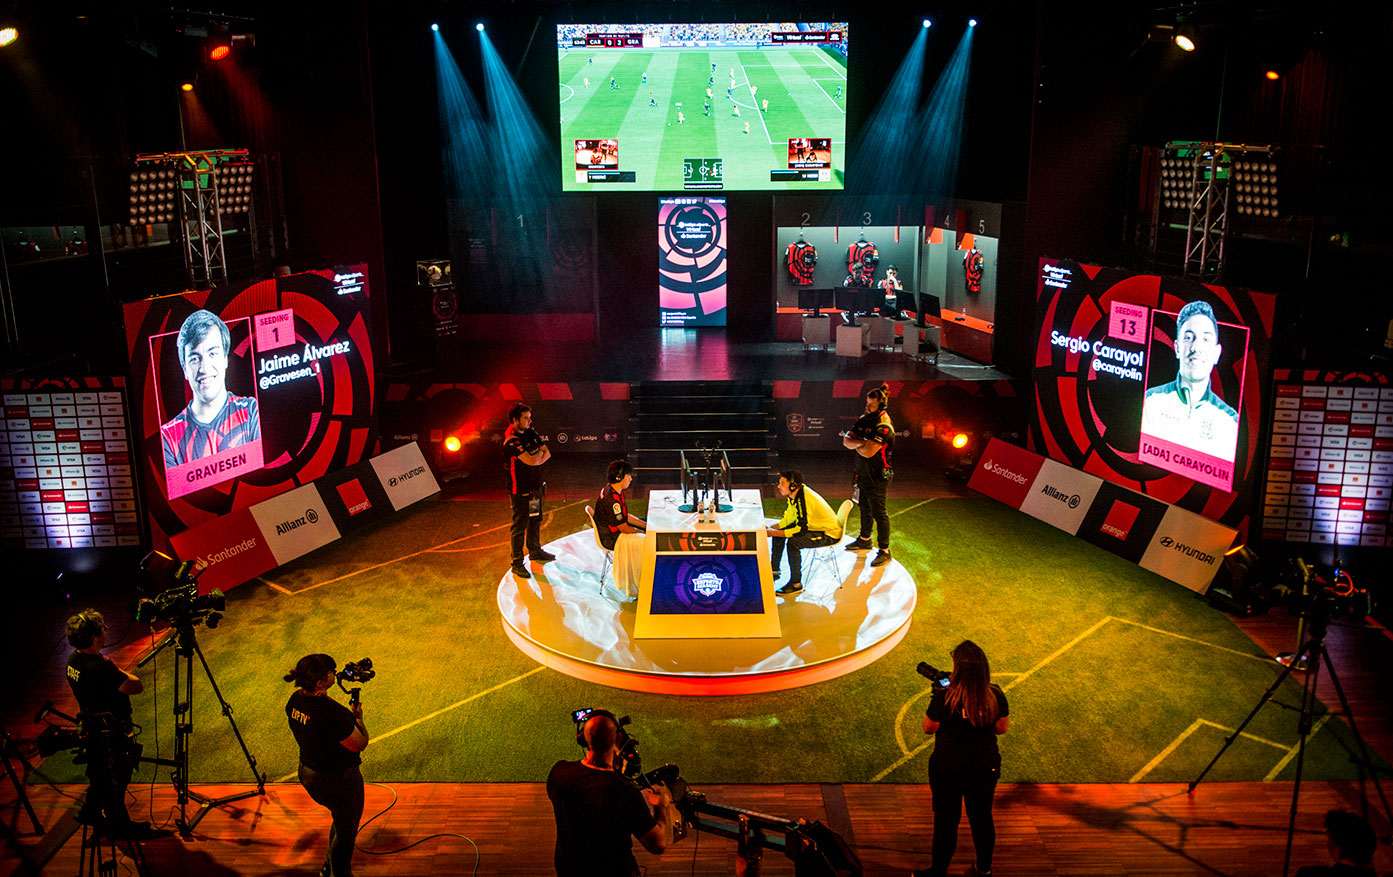 La nueva élite del fútbol… juega desde casa